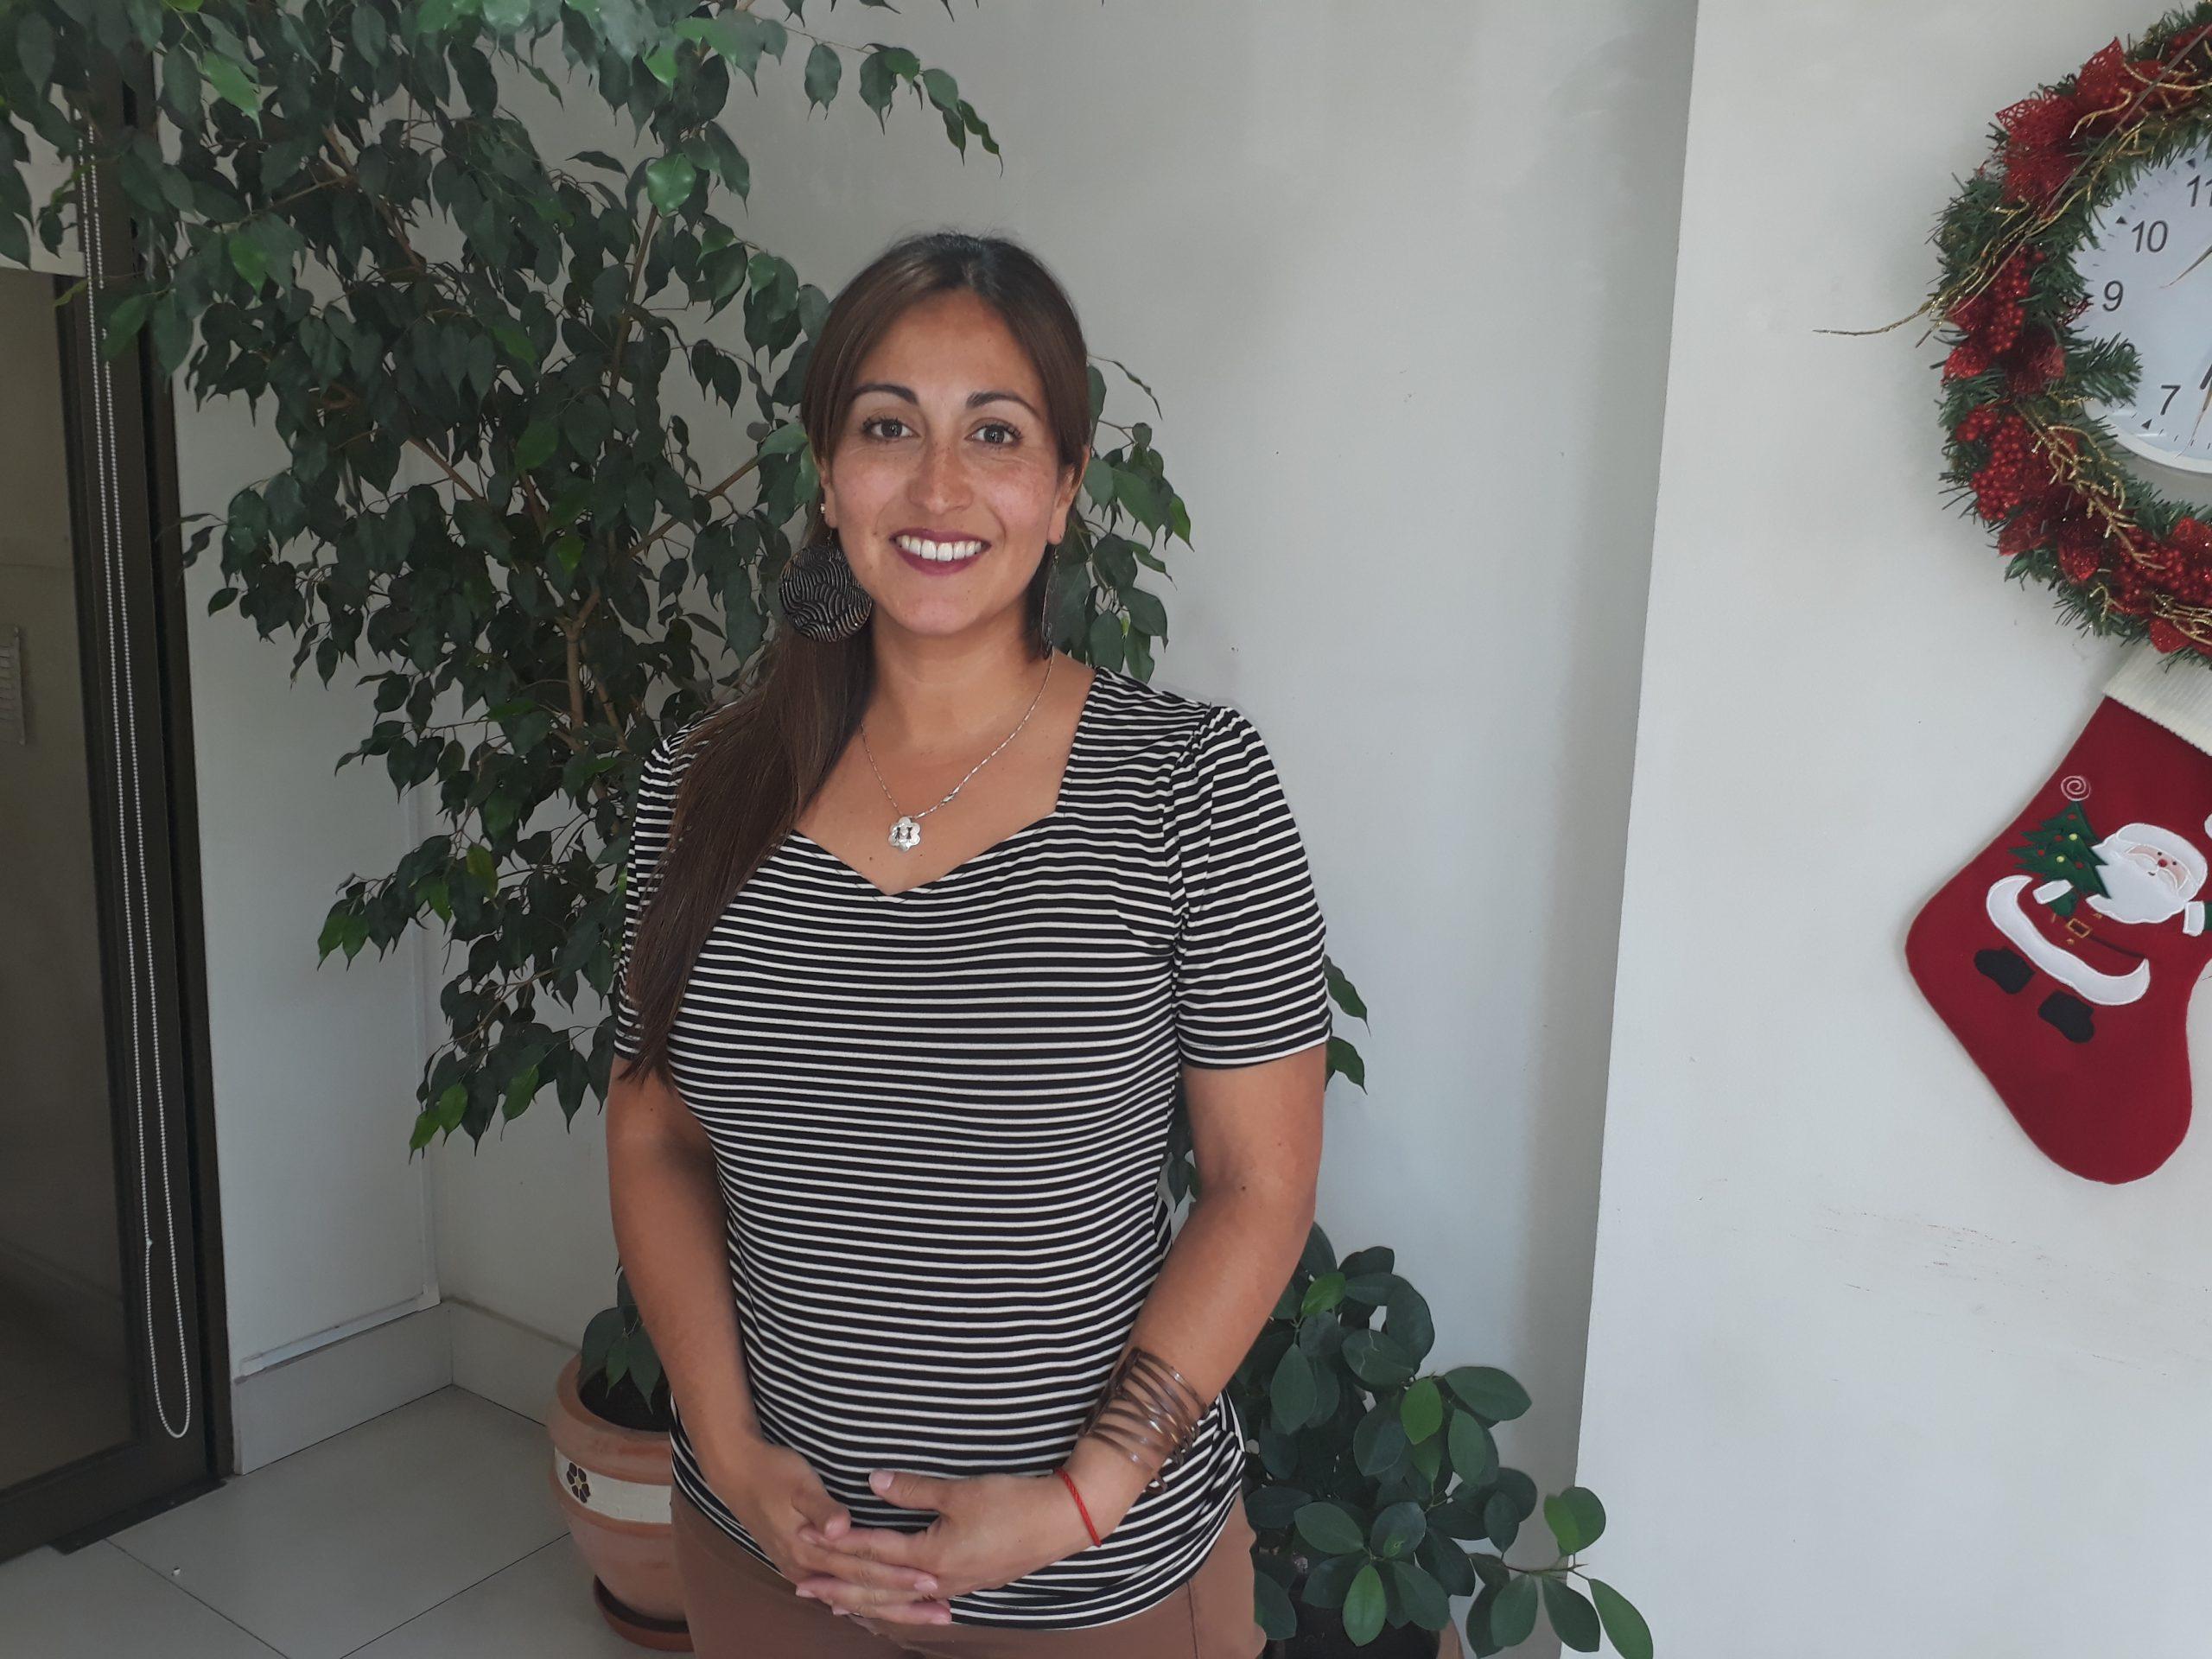 Yocelyn Brito Directora Corporacion Municipal de Deportes. Talca